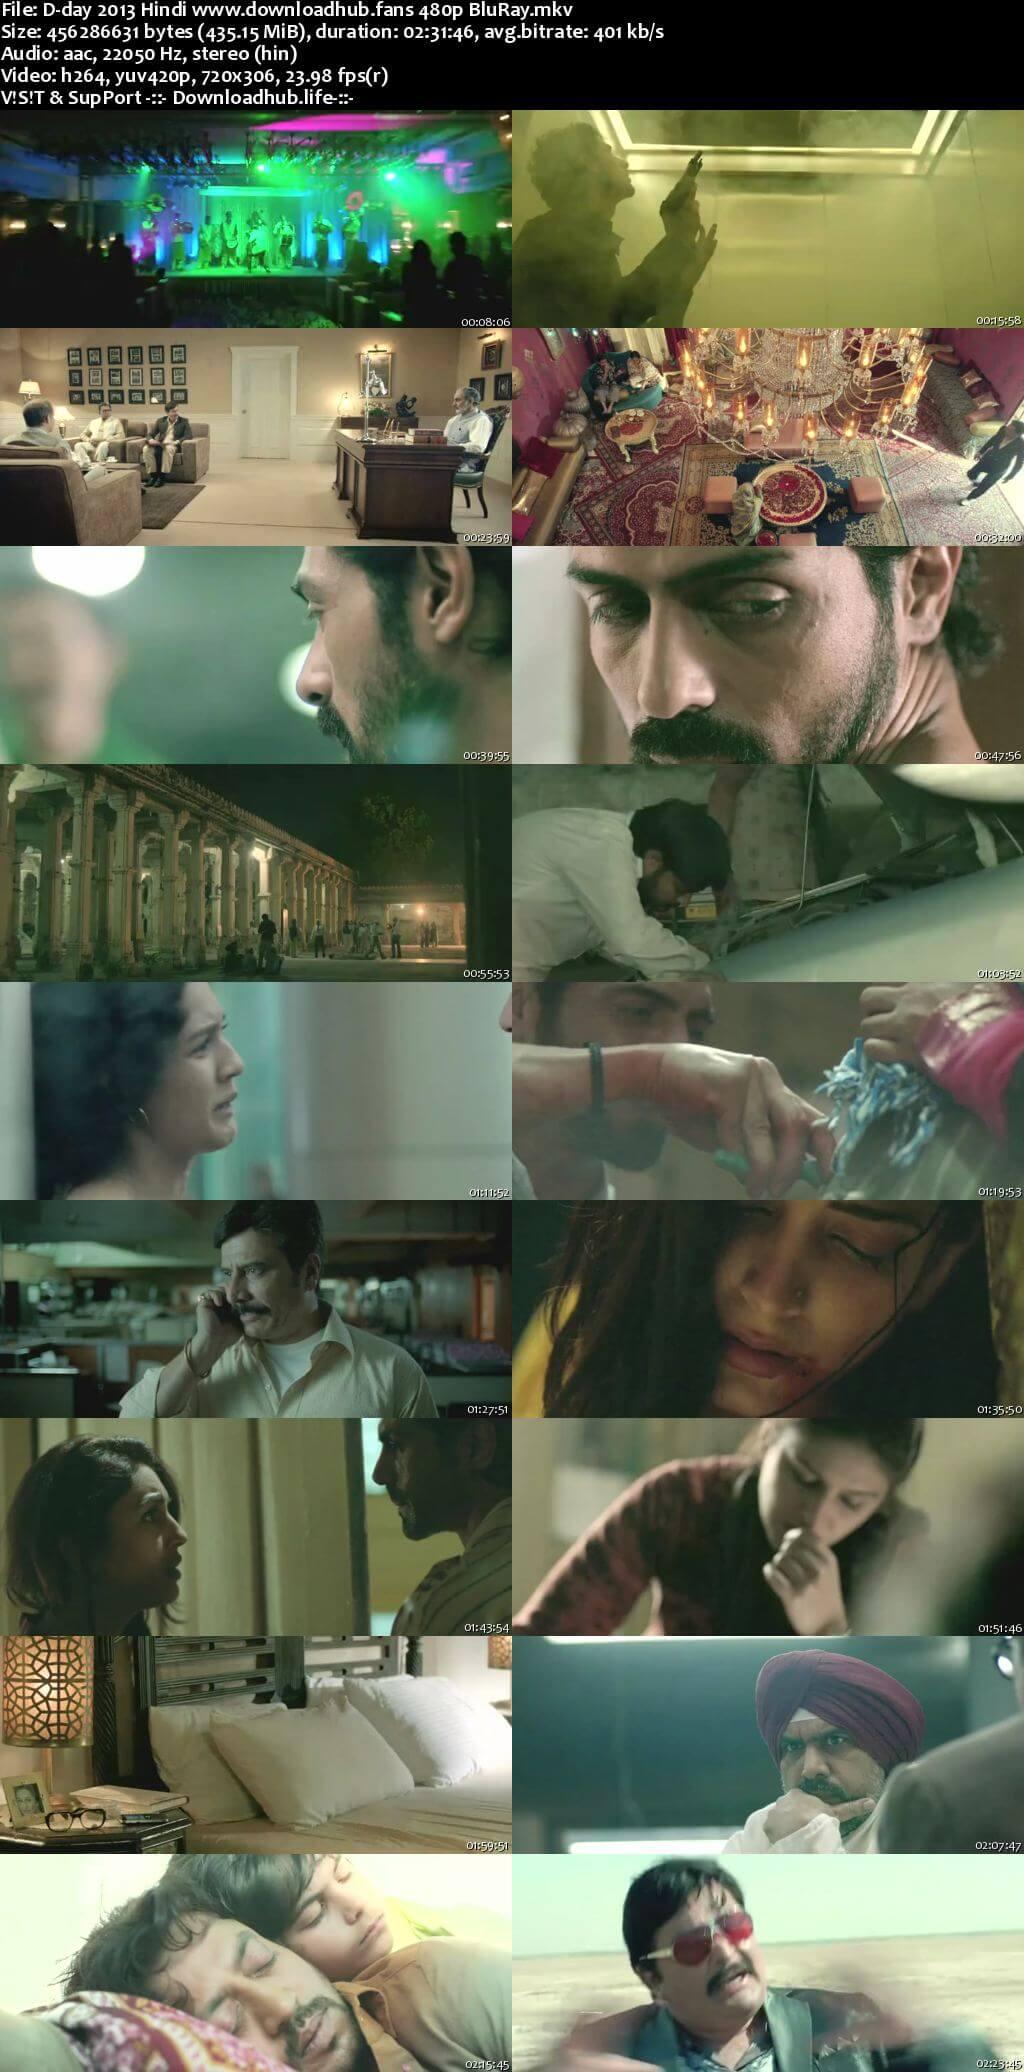 D-Day 2013 Hindi 400MB BluRay 480p